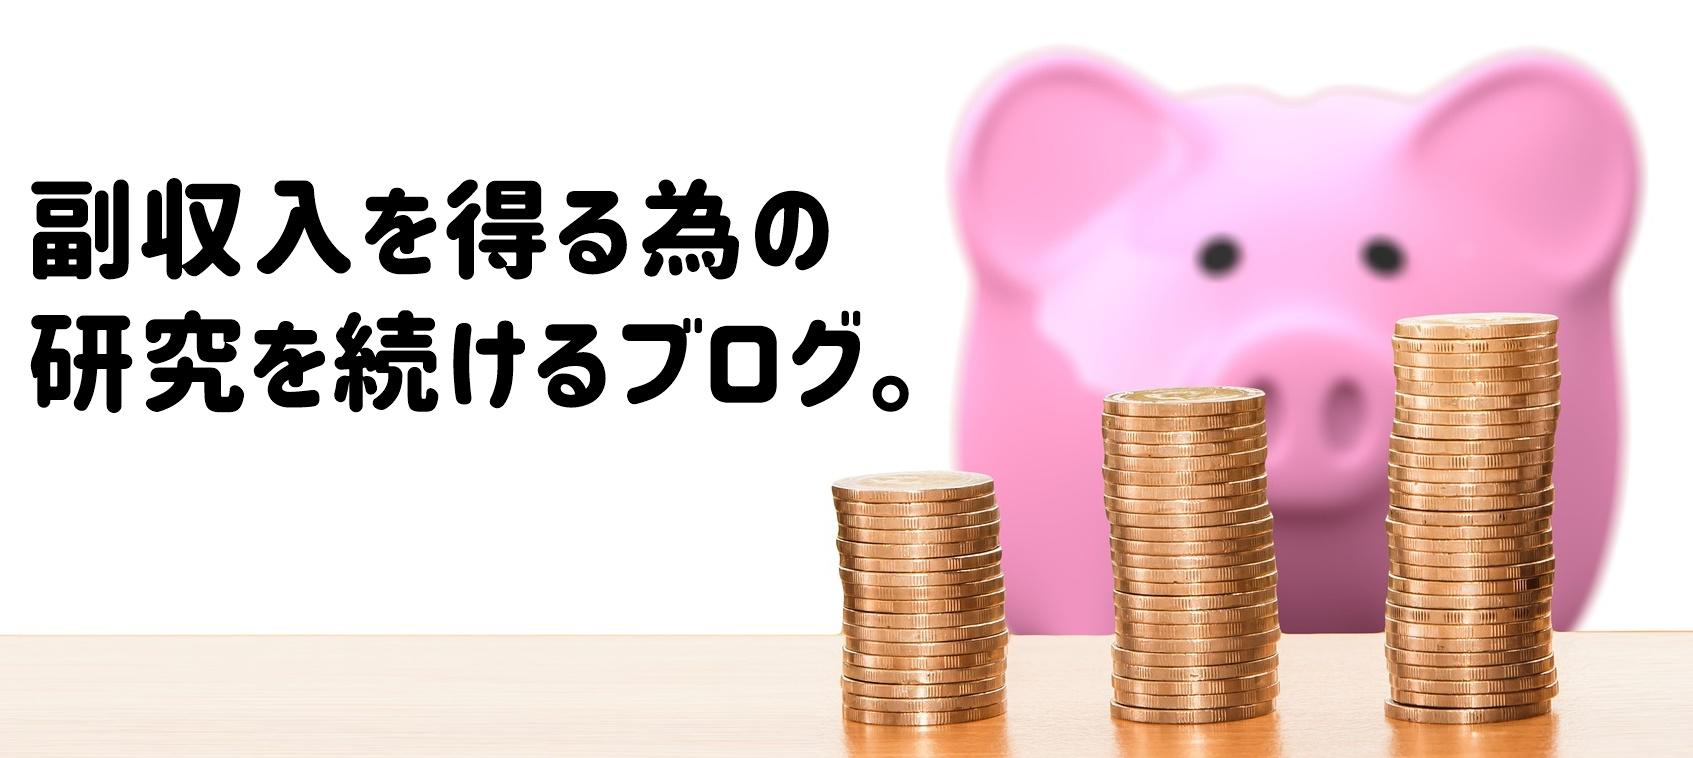 副収入を得る為の研究を続けるブログ。